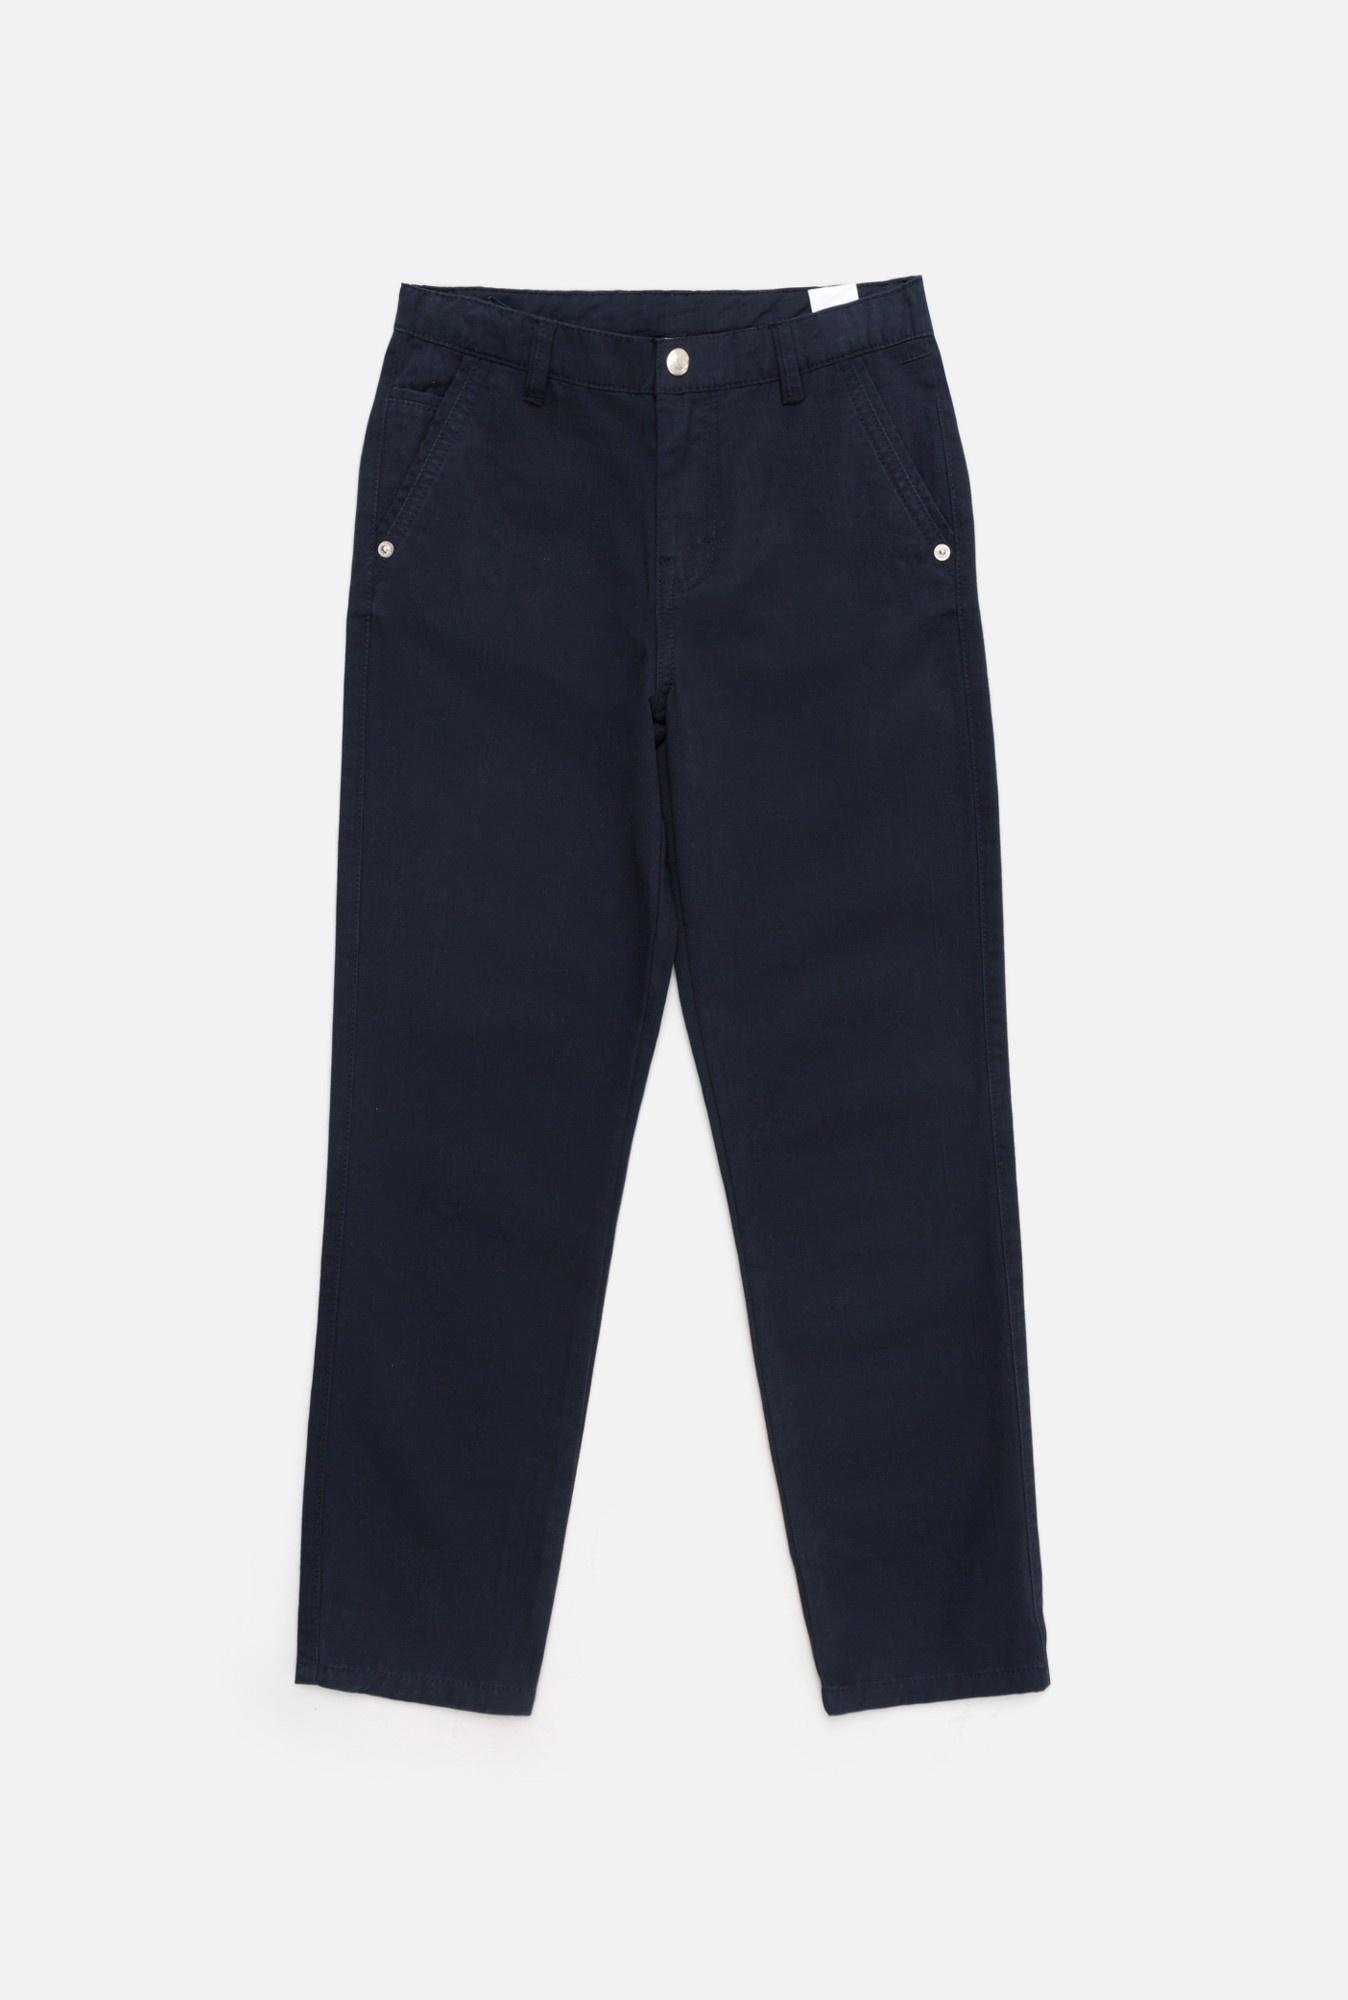 Брюки Concept Club брюки женские concept club rigol цвет темно голубой 10200160374 600 размер s 44